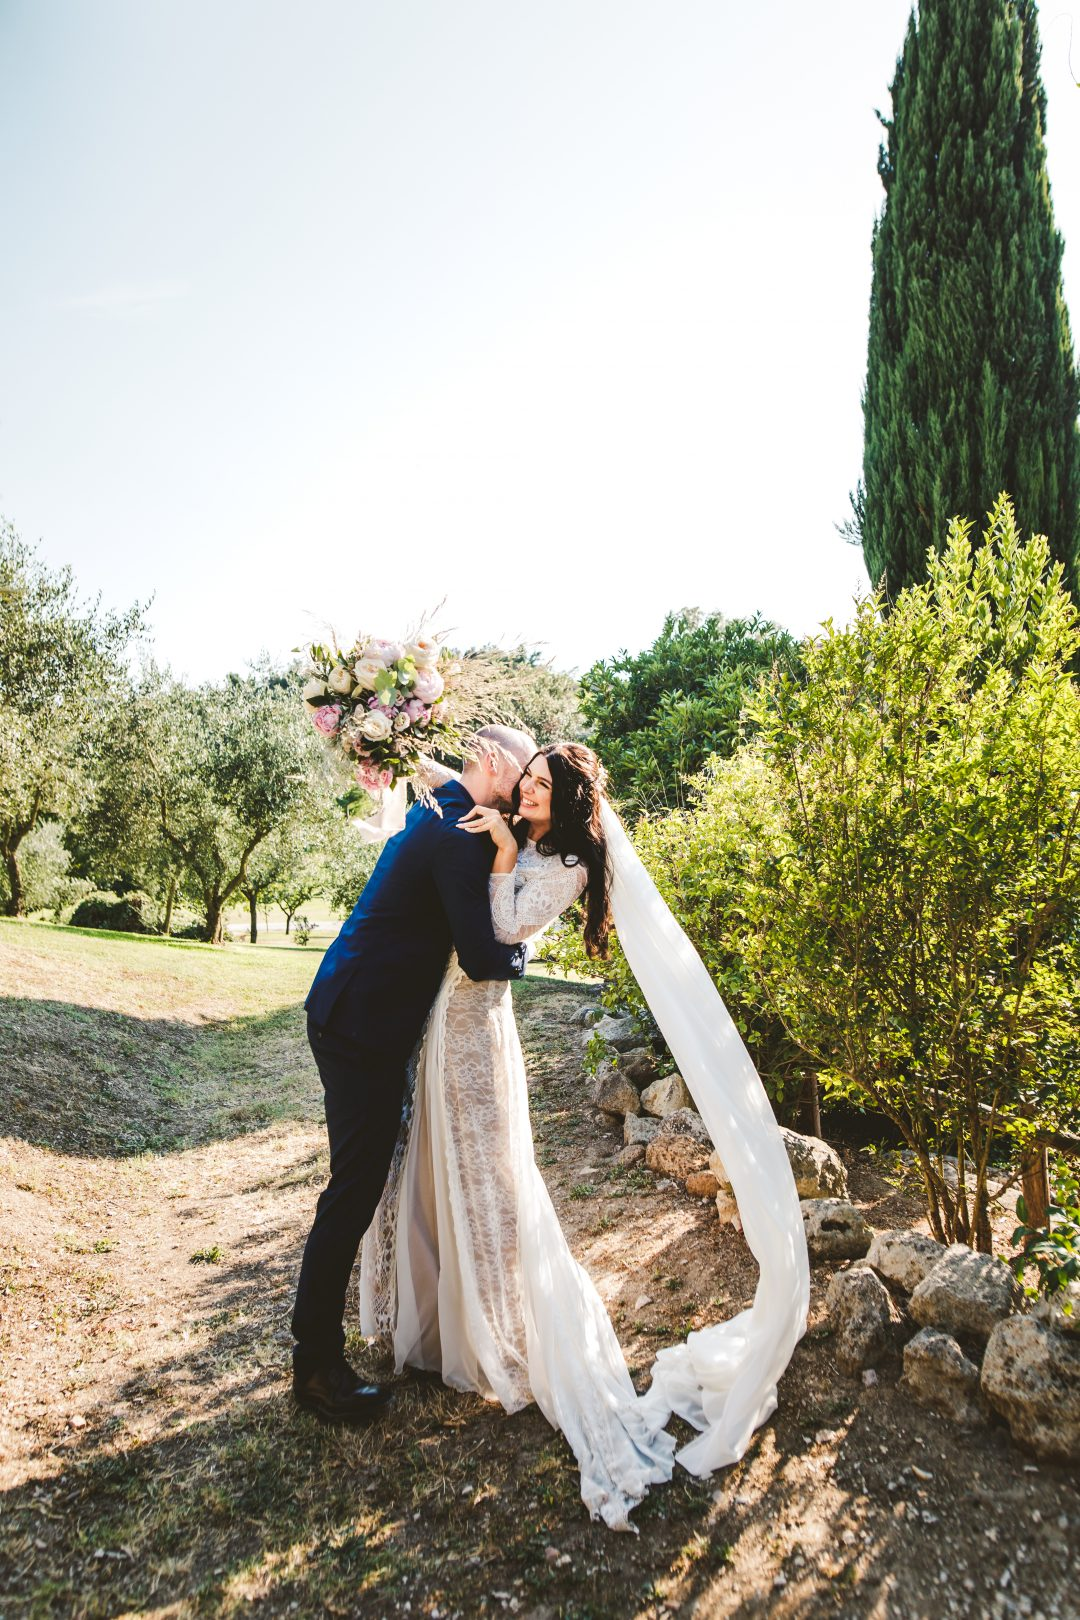 Boho chic wedding at Borgo di Tragliata